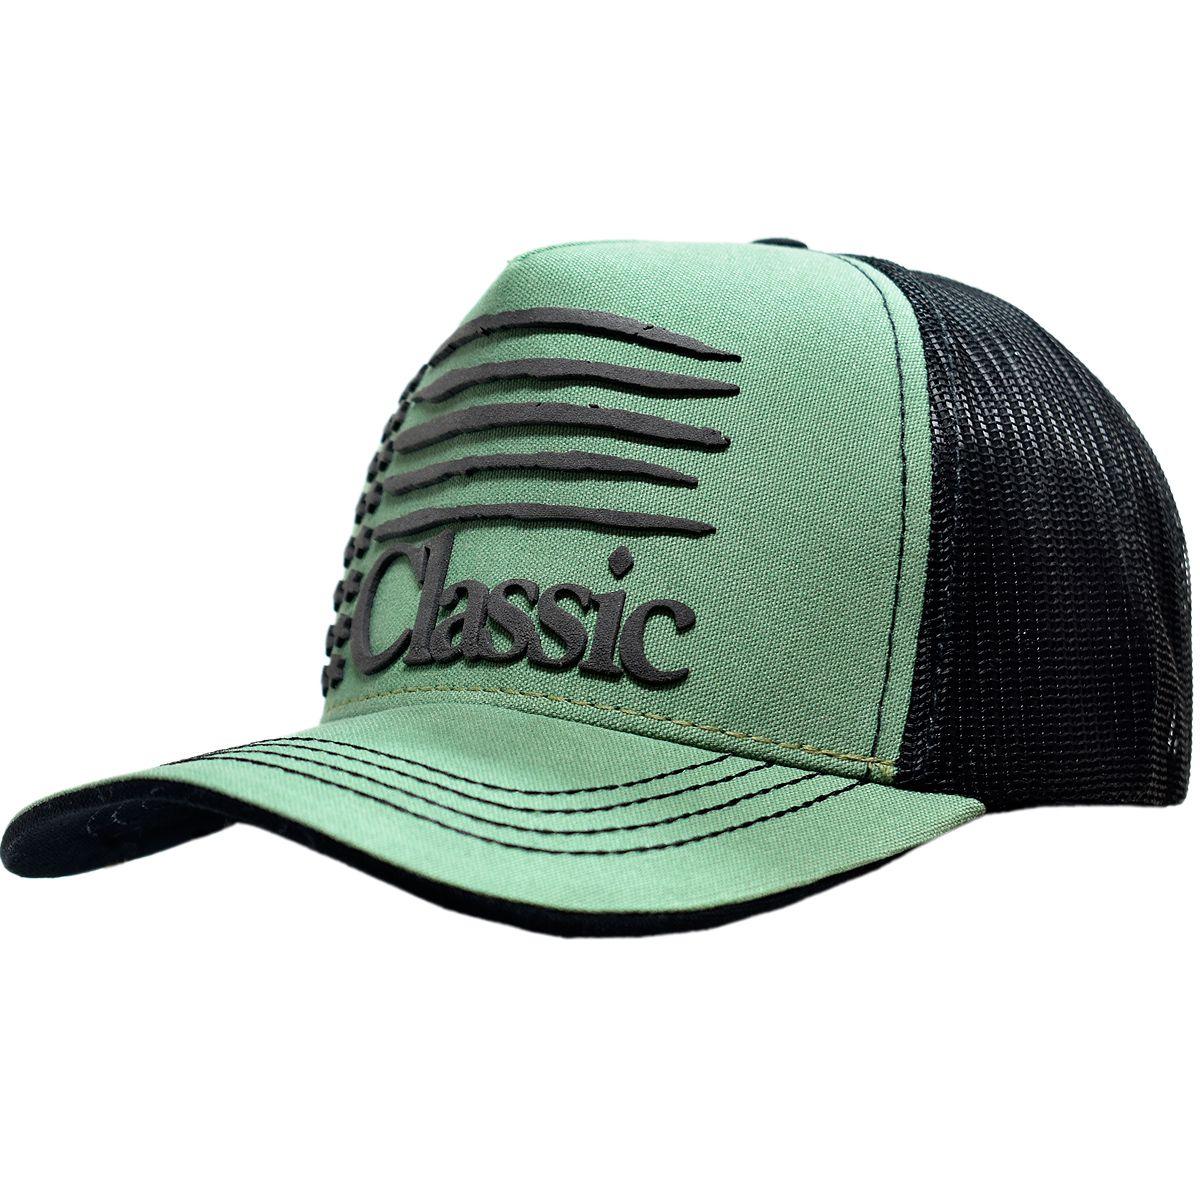 cdb562d24a34a Boné Classic USA com Tela Verde e Preto Boné Classic USA